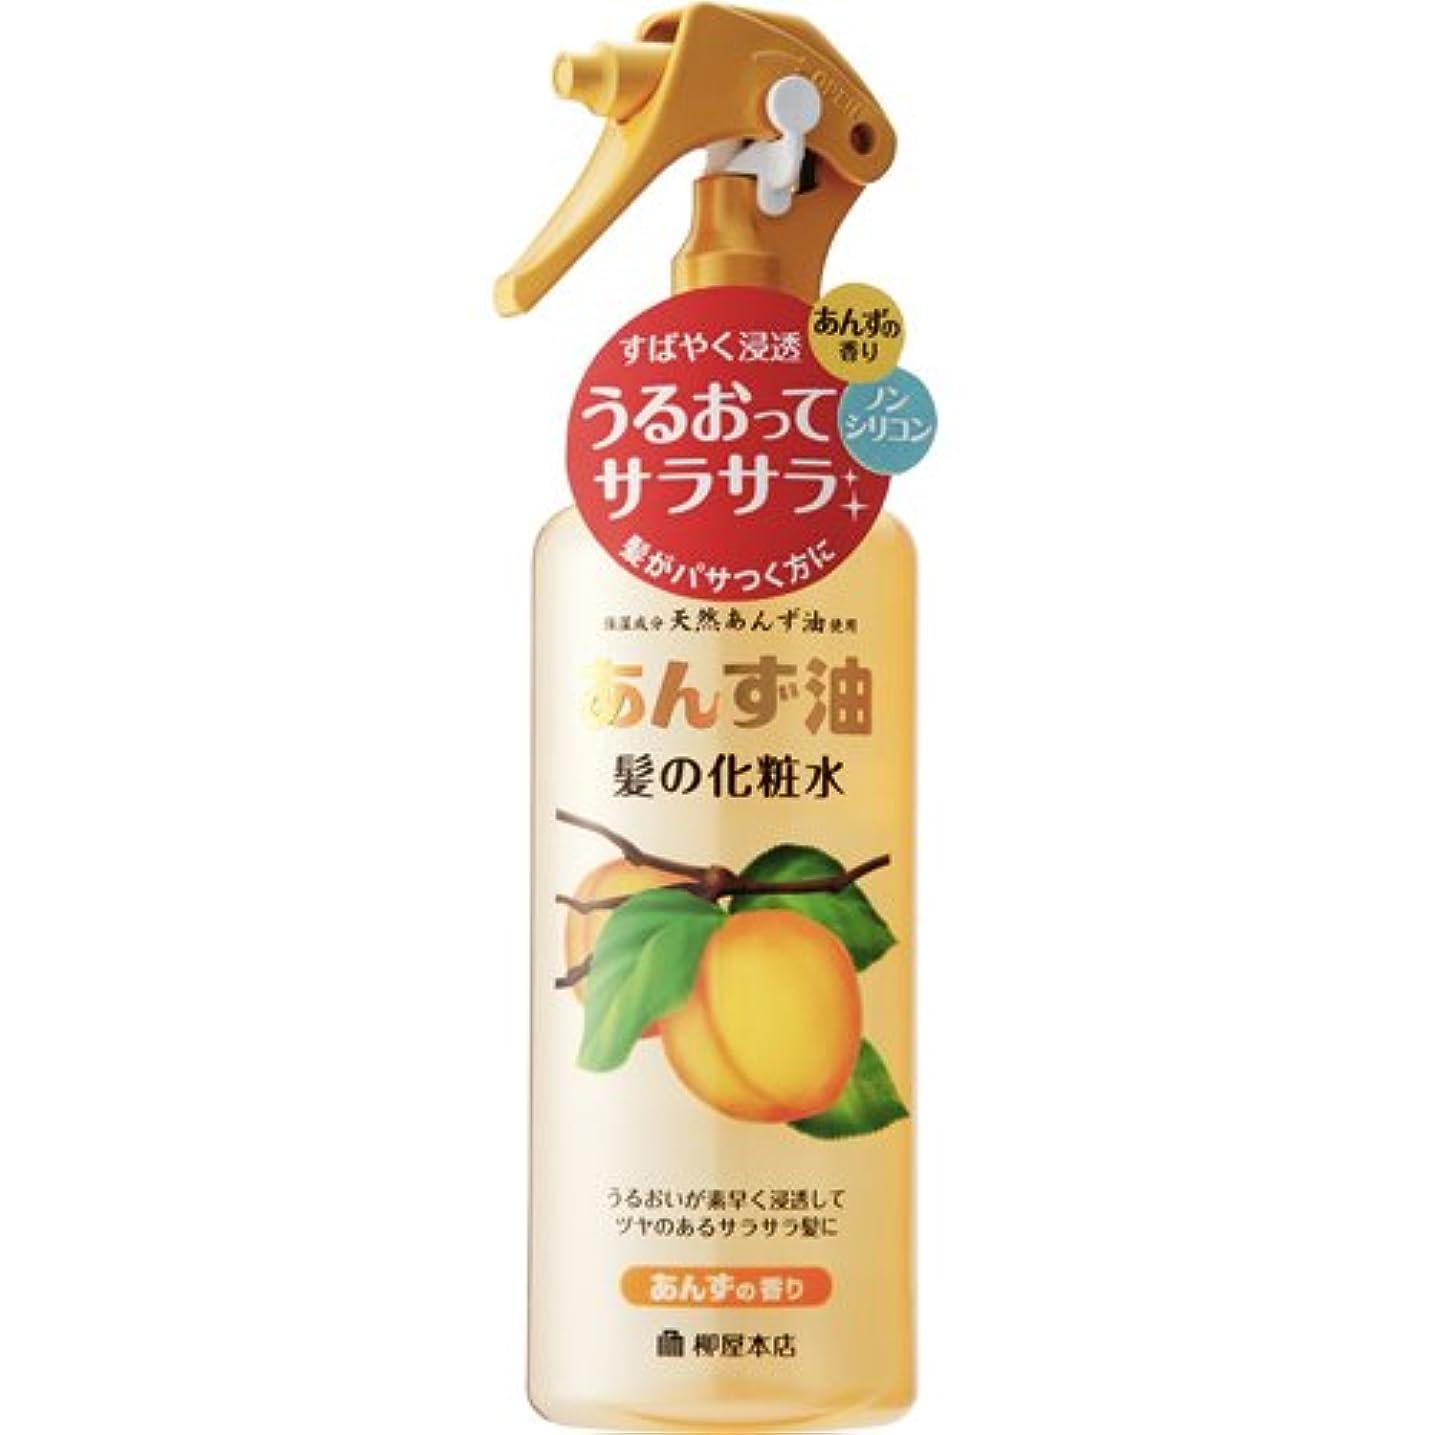 精巧なショートカット柳屋 あんず油 髪の化粧水 170ml